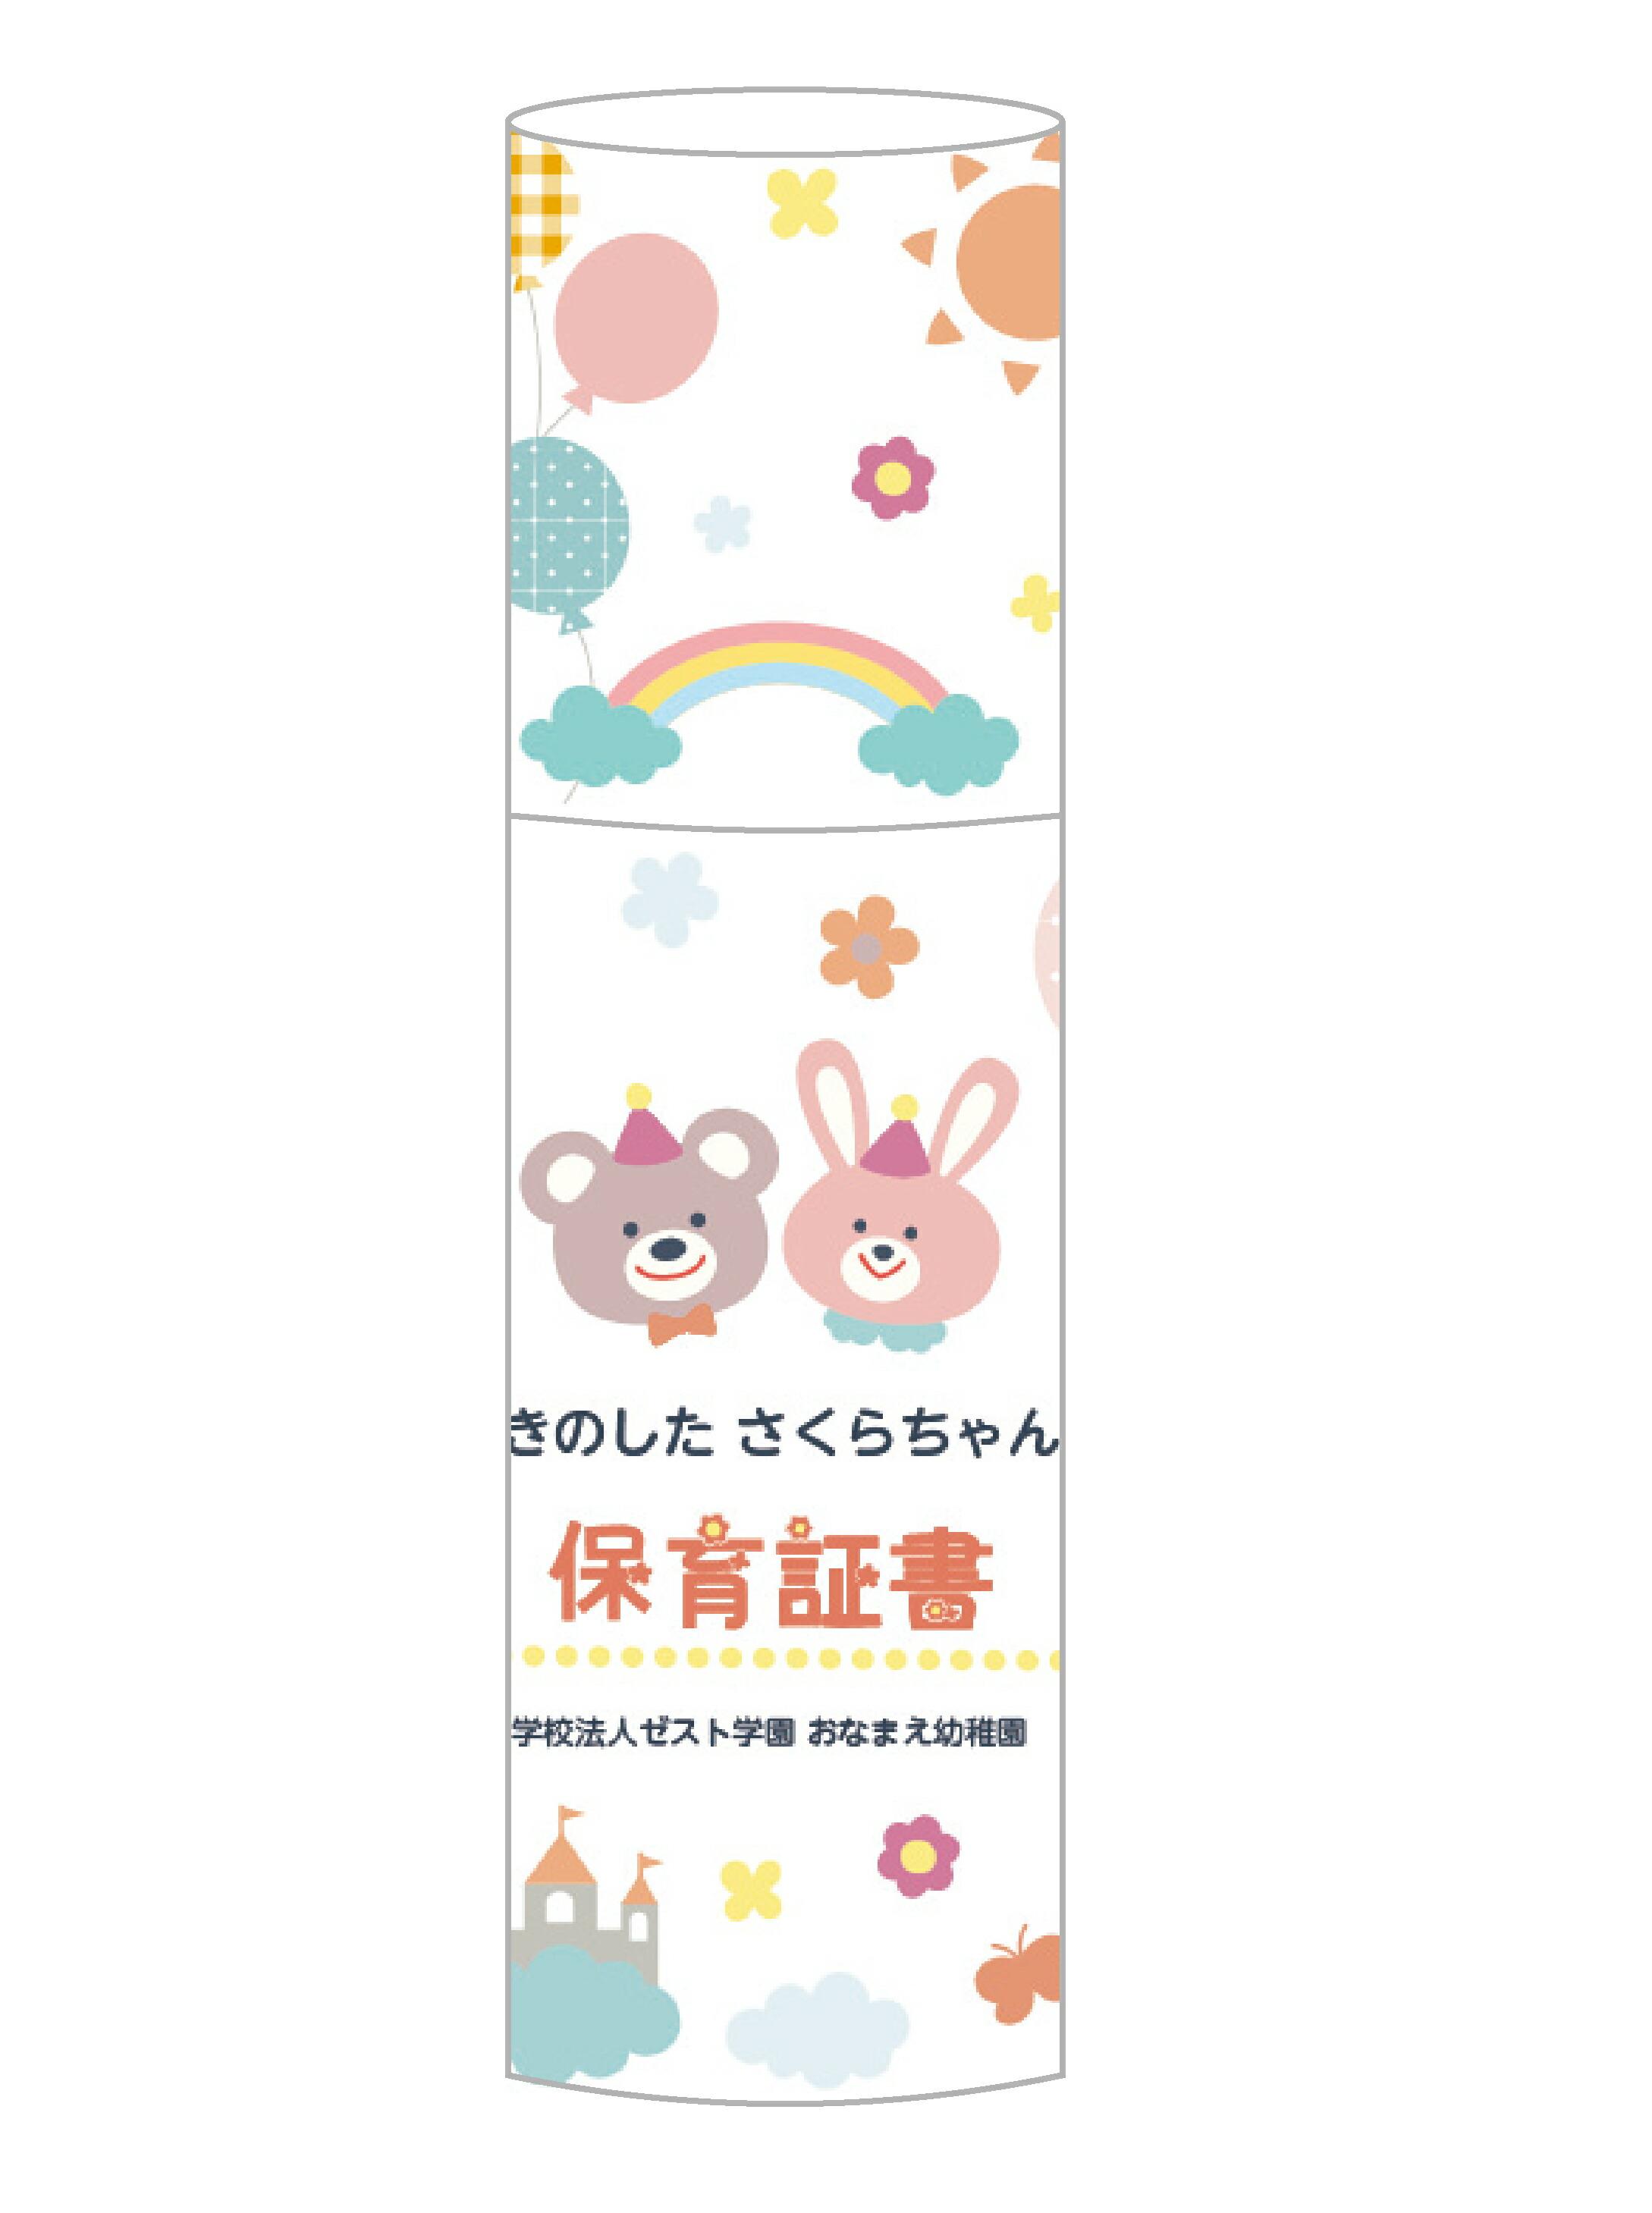 02デザイン_保育証書